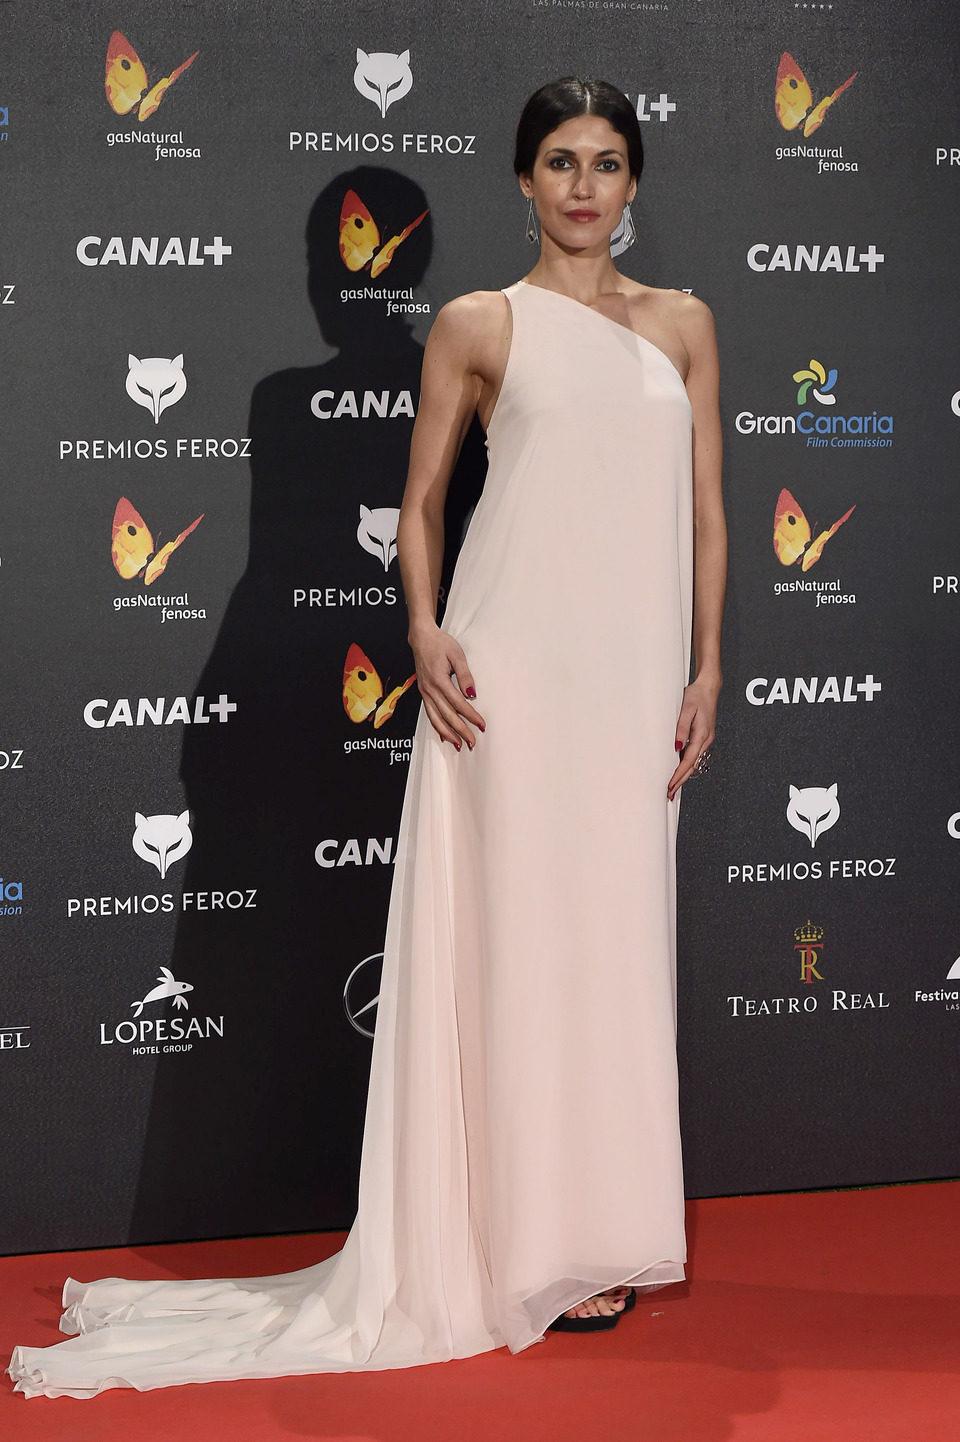 Nerea Barros en los Premios Feroz 2015